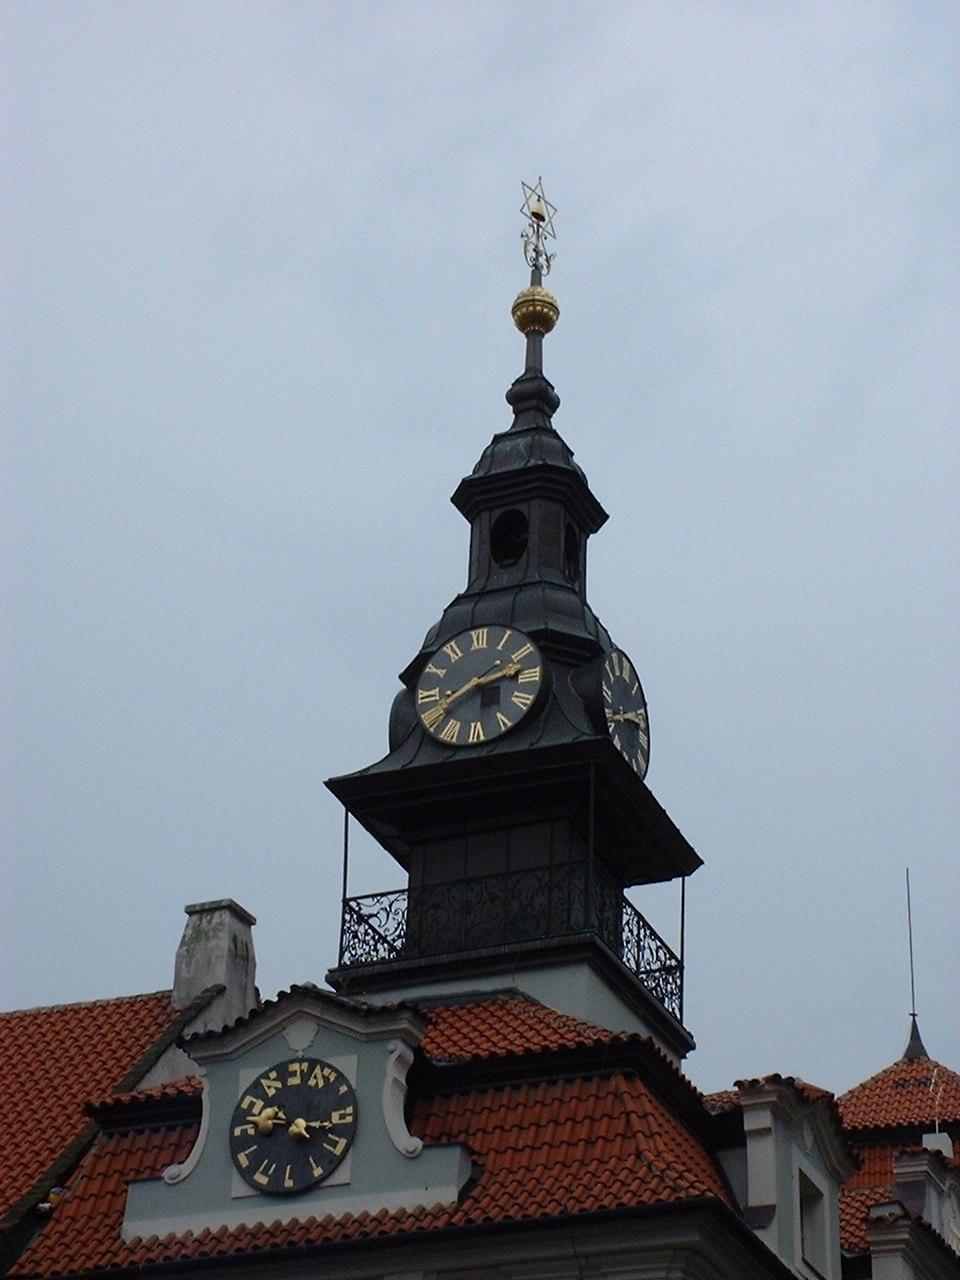 PragueHebrewClock.agr.DSCF1445